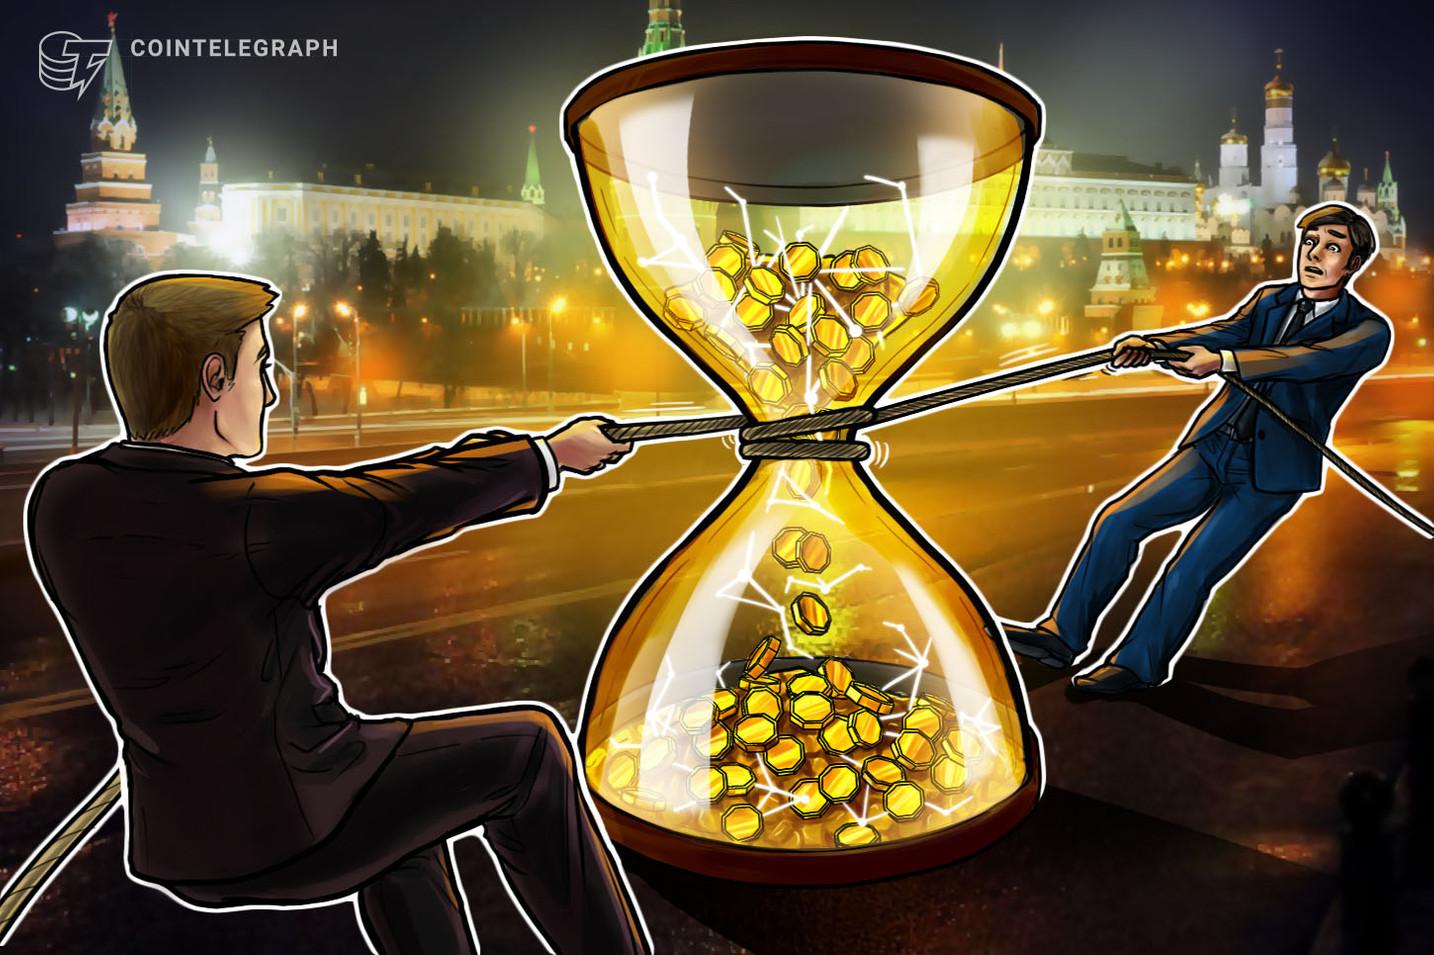 حظر منصة العملات المشفرة الكبرى لوكال بيتكوينز في روسيا